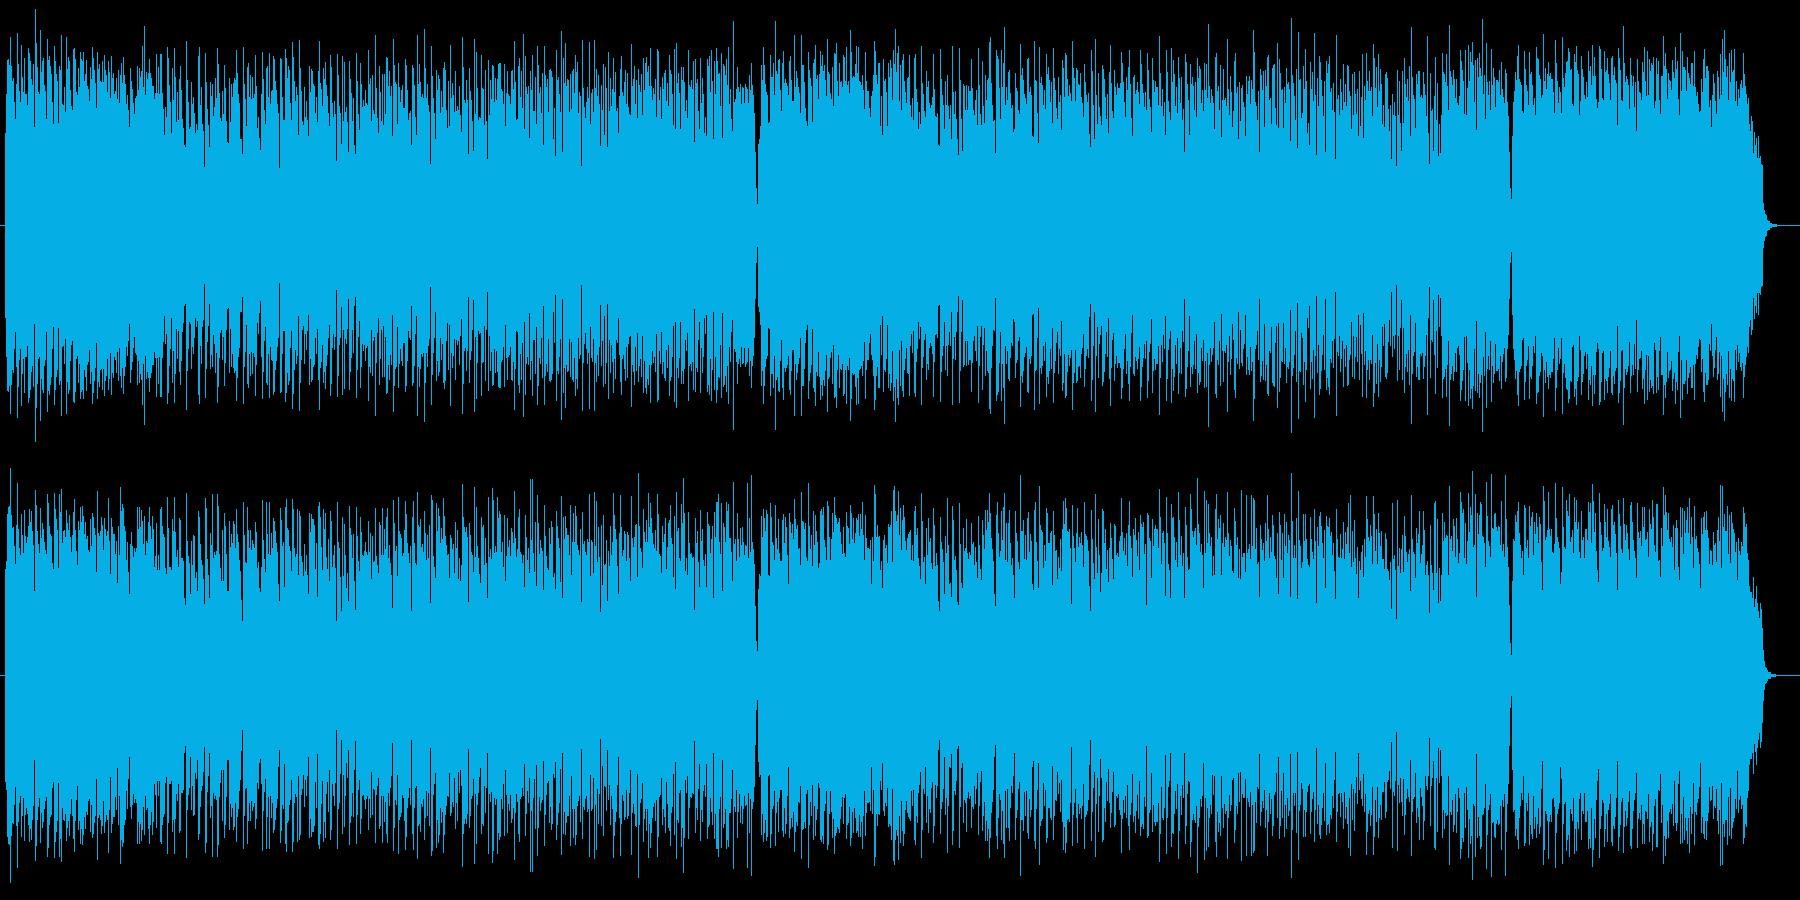 温もりある穏やかなストリングスポップスの再生済みの波形